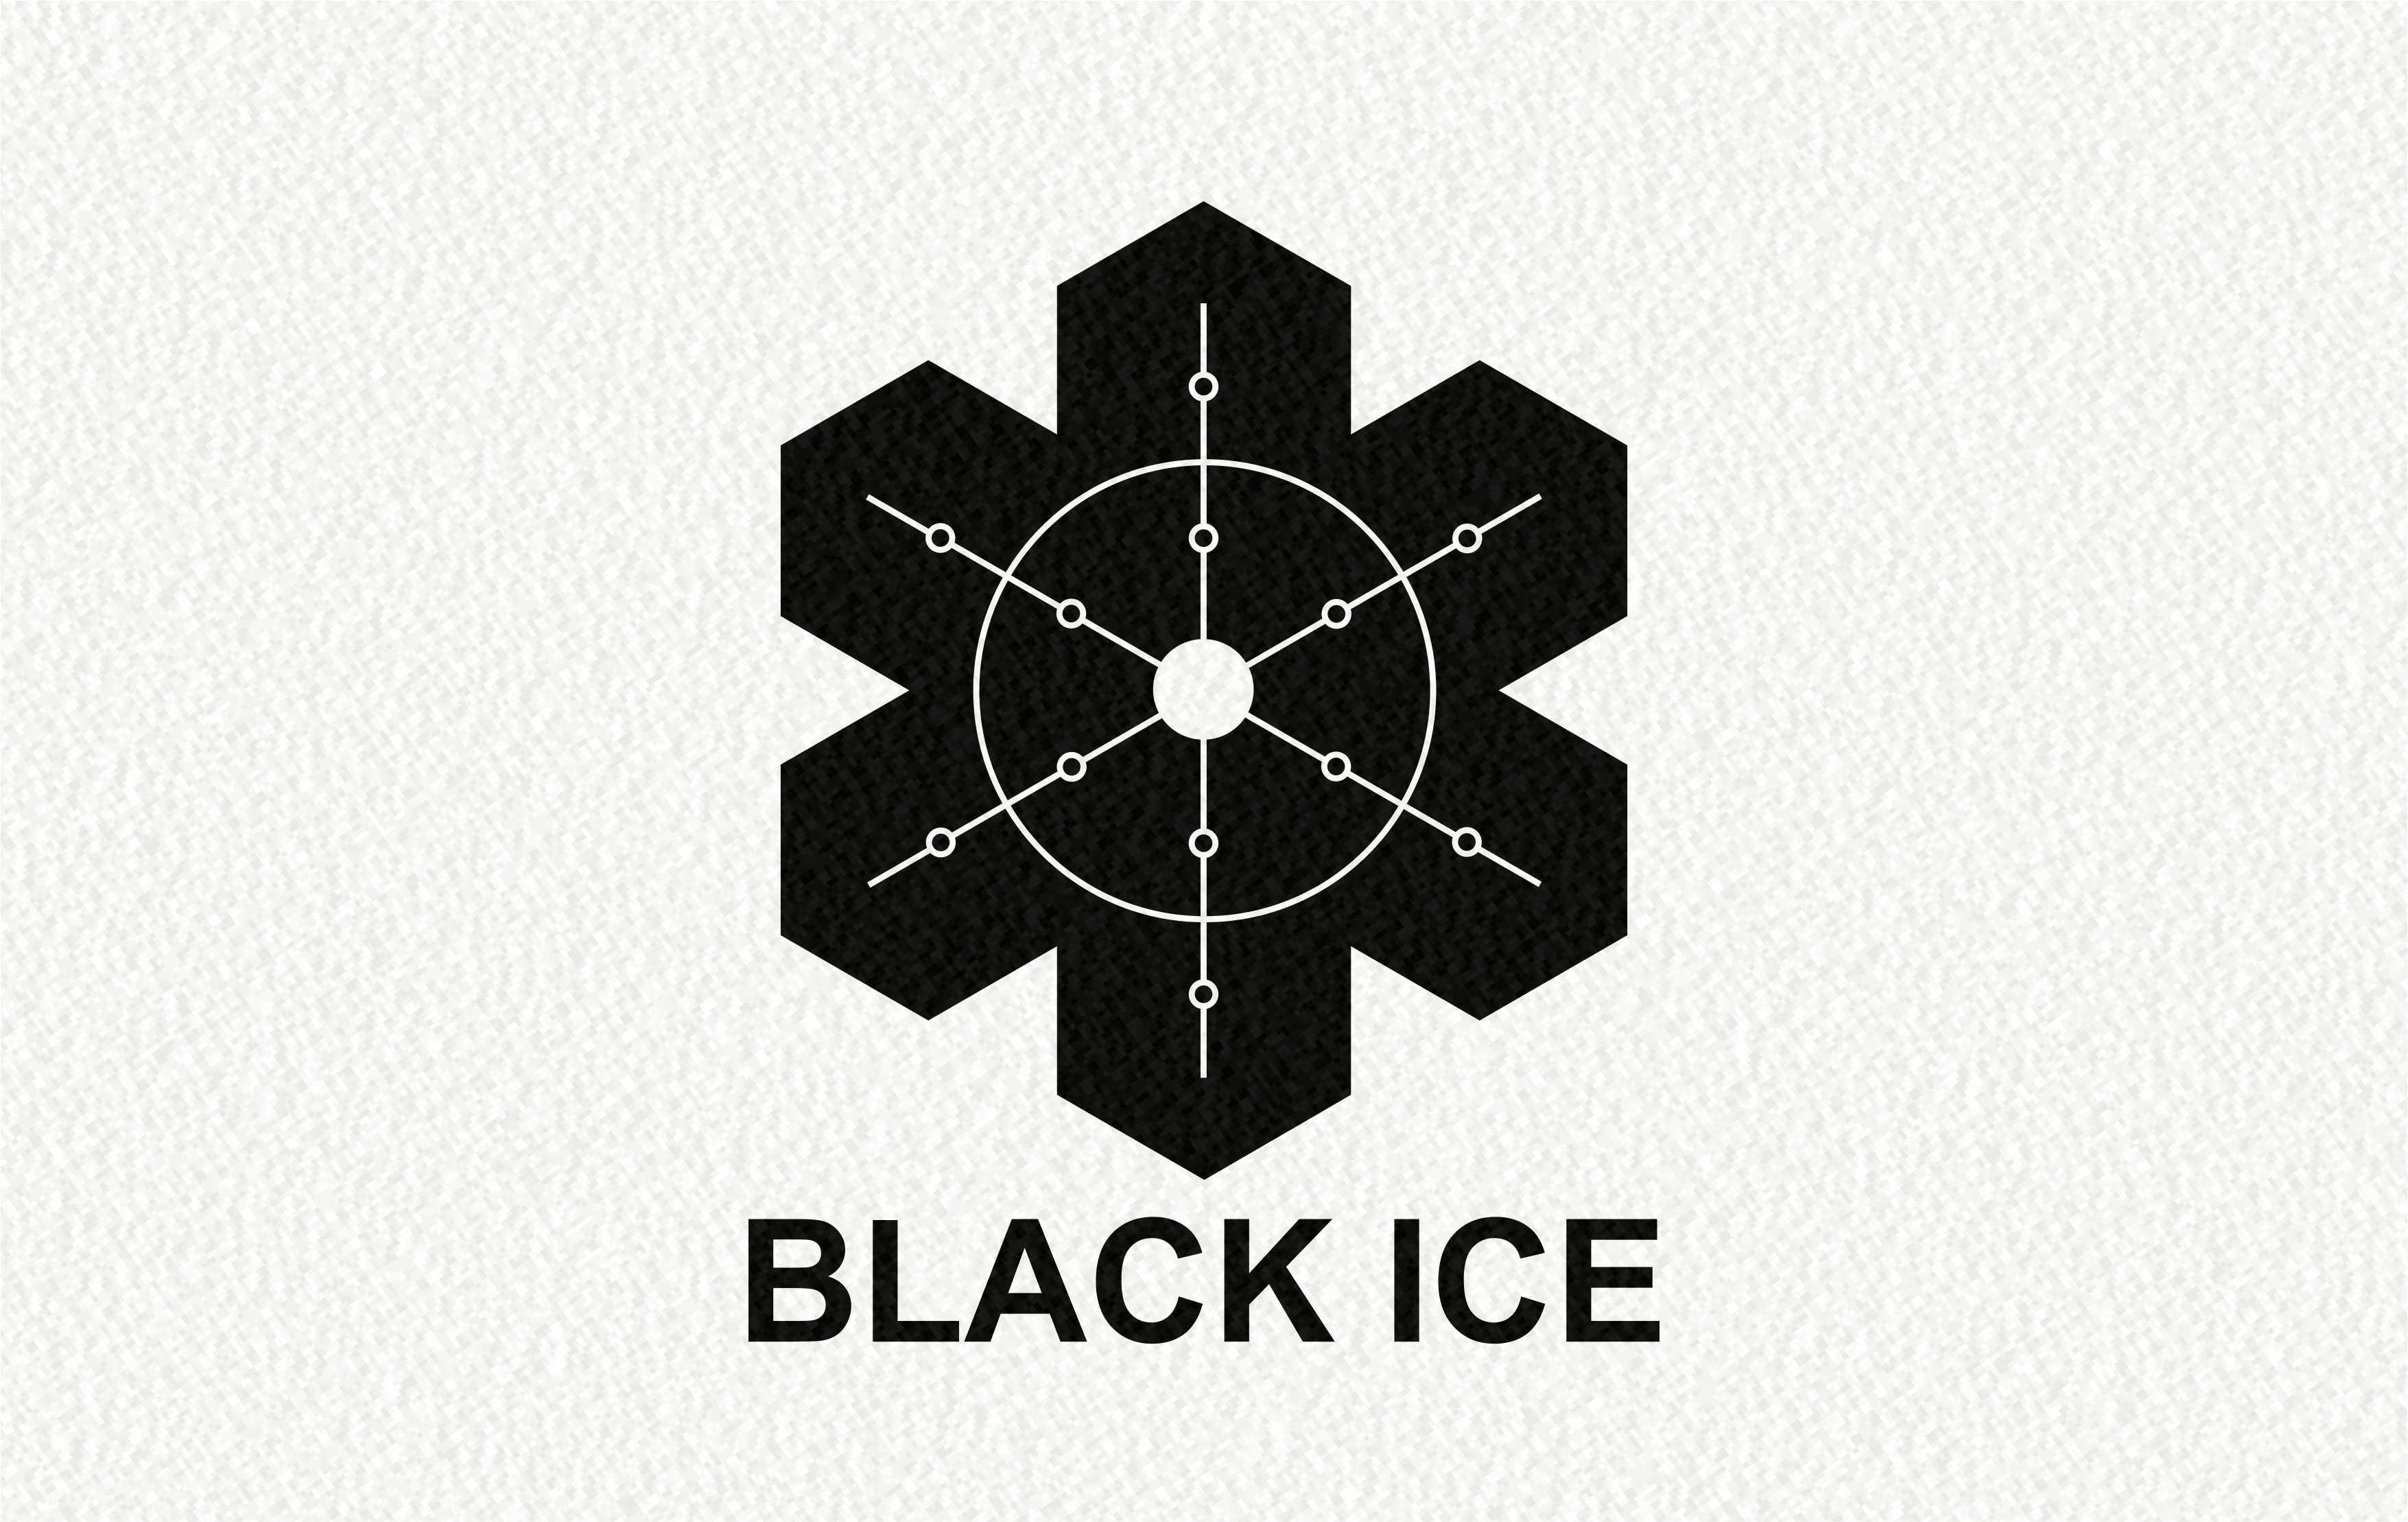 """Логотип + Фирменный стиль для компании """"BLACK ICE"""" фото f_5275713735662914.jpg"""